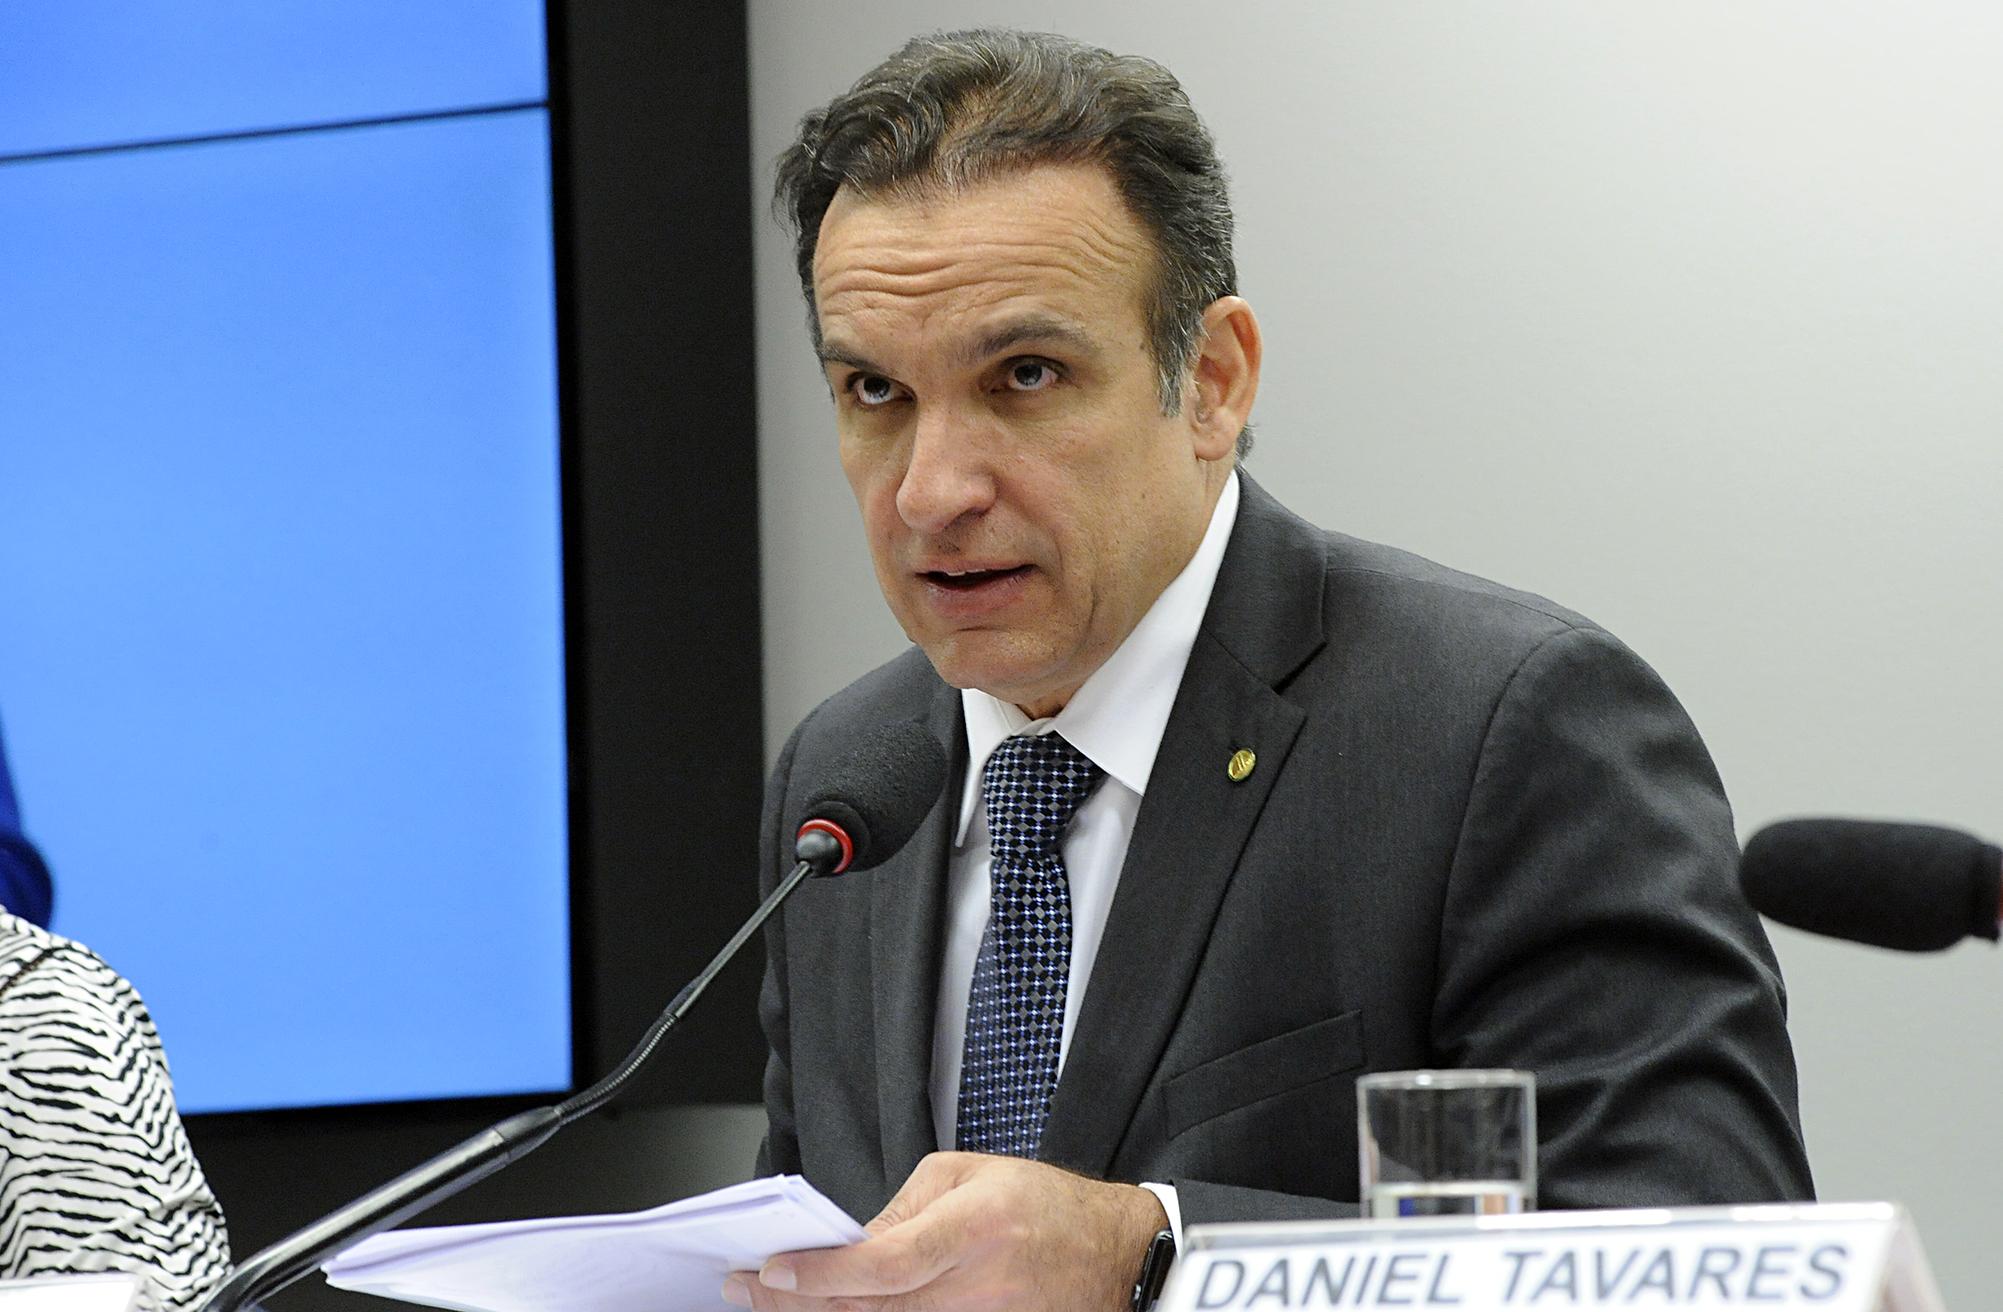 Audiência pública sobre o PL 6207/13, que dispõe sobre a circulação de pedestres e ciclistas. Dep. Hugo Leal (PSB-RJ)